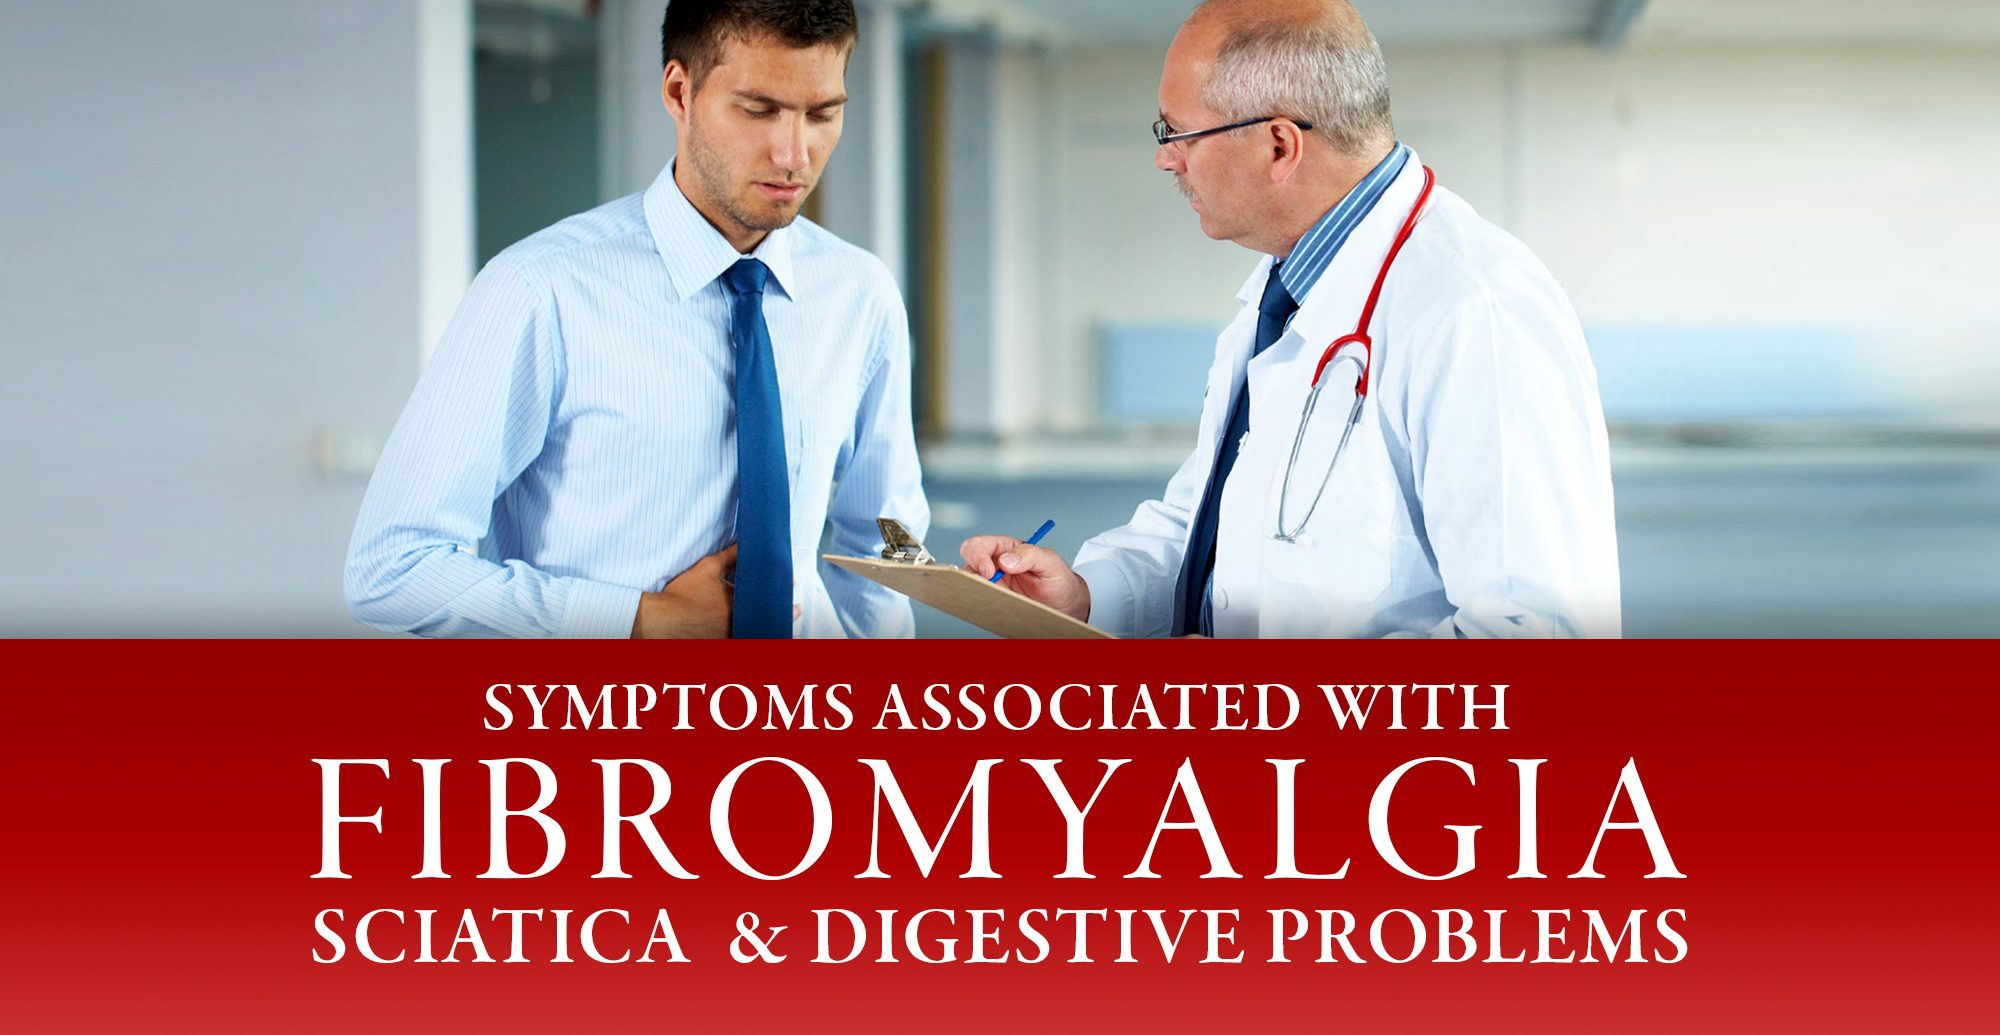 Симптомы, связанные с фибромиалгией | Эль Пасо, Техас Хиропрактик